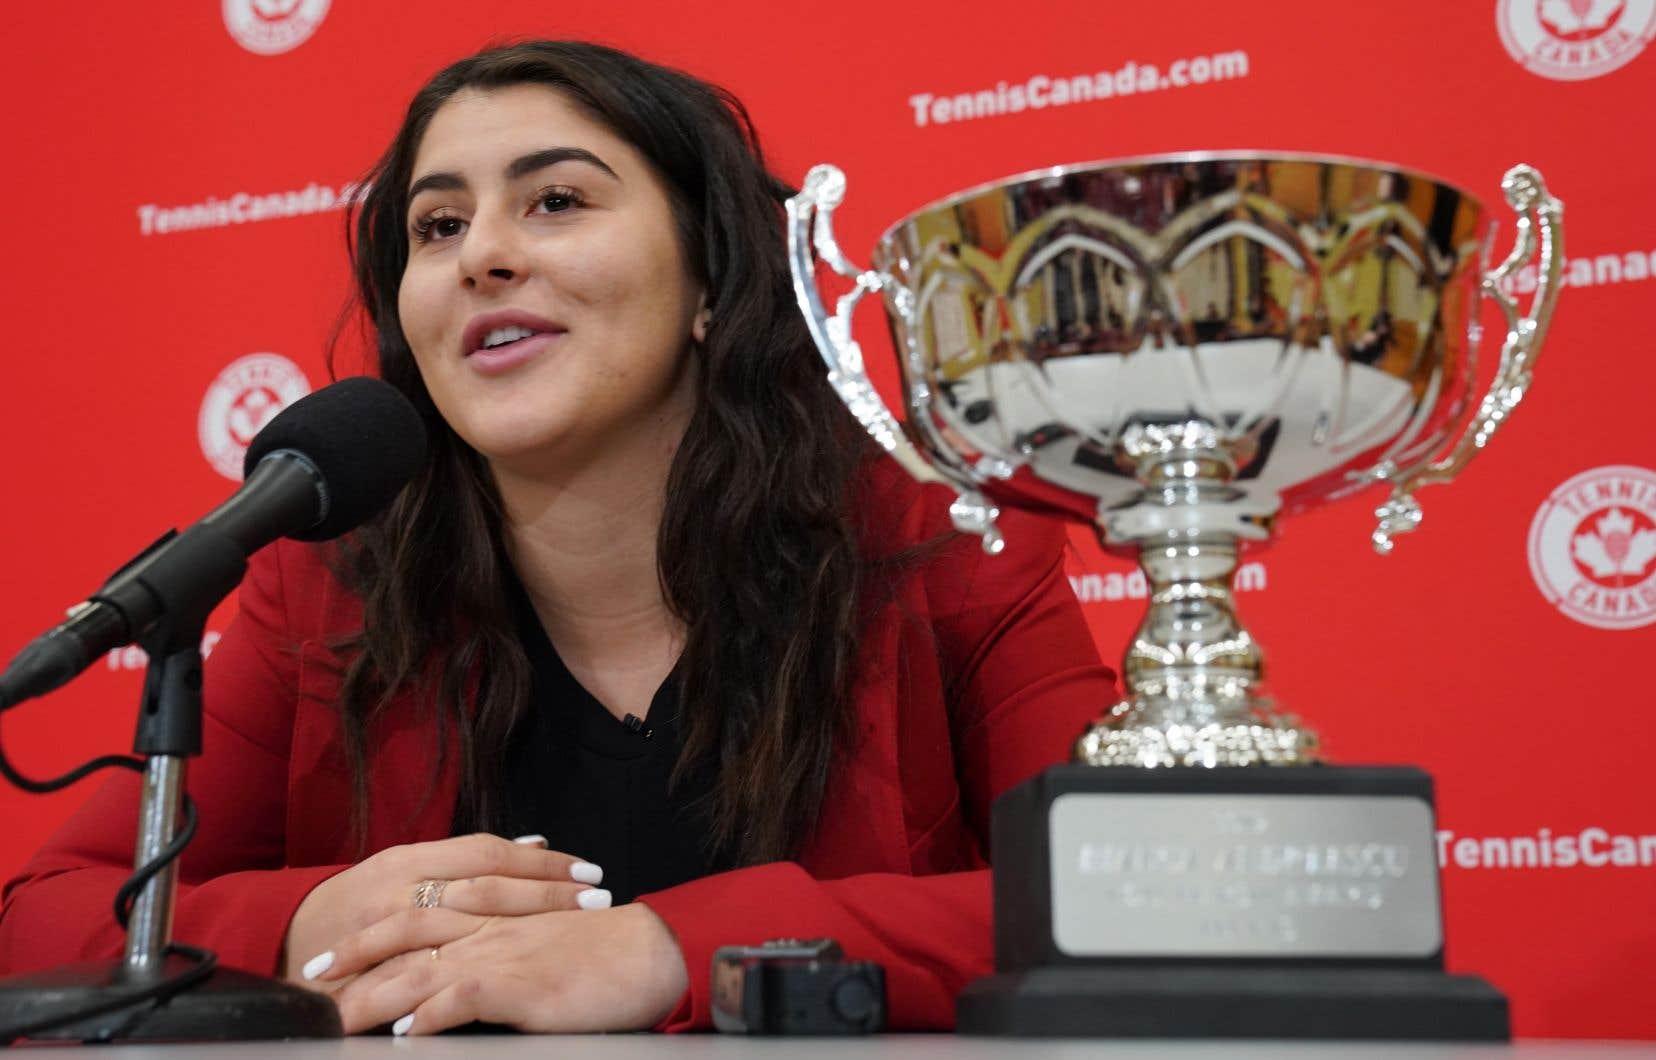 La liste des succès d'Andreescu au cours des 12 derniers mois est longue.